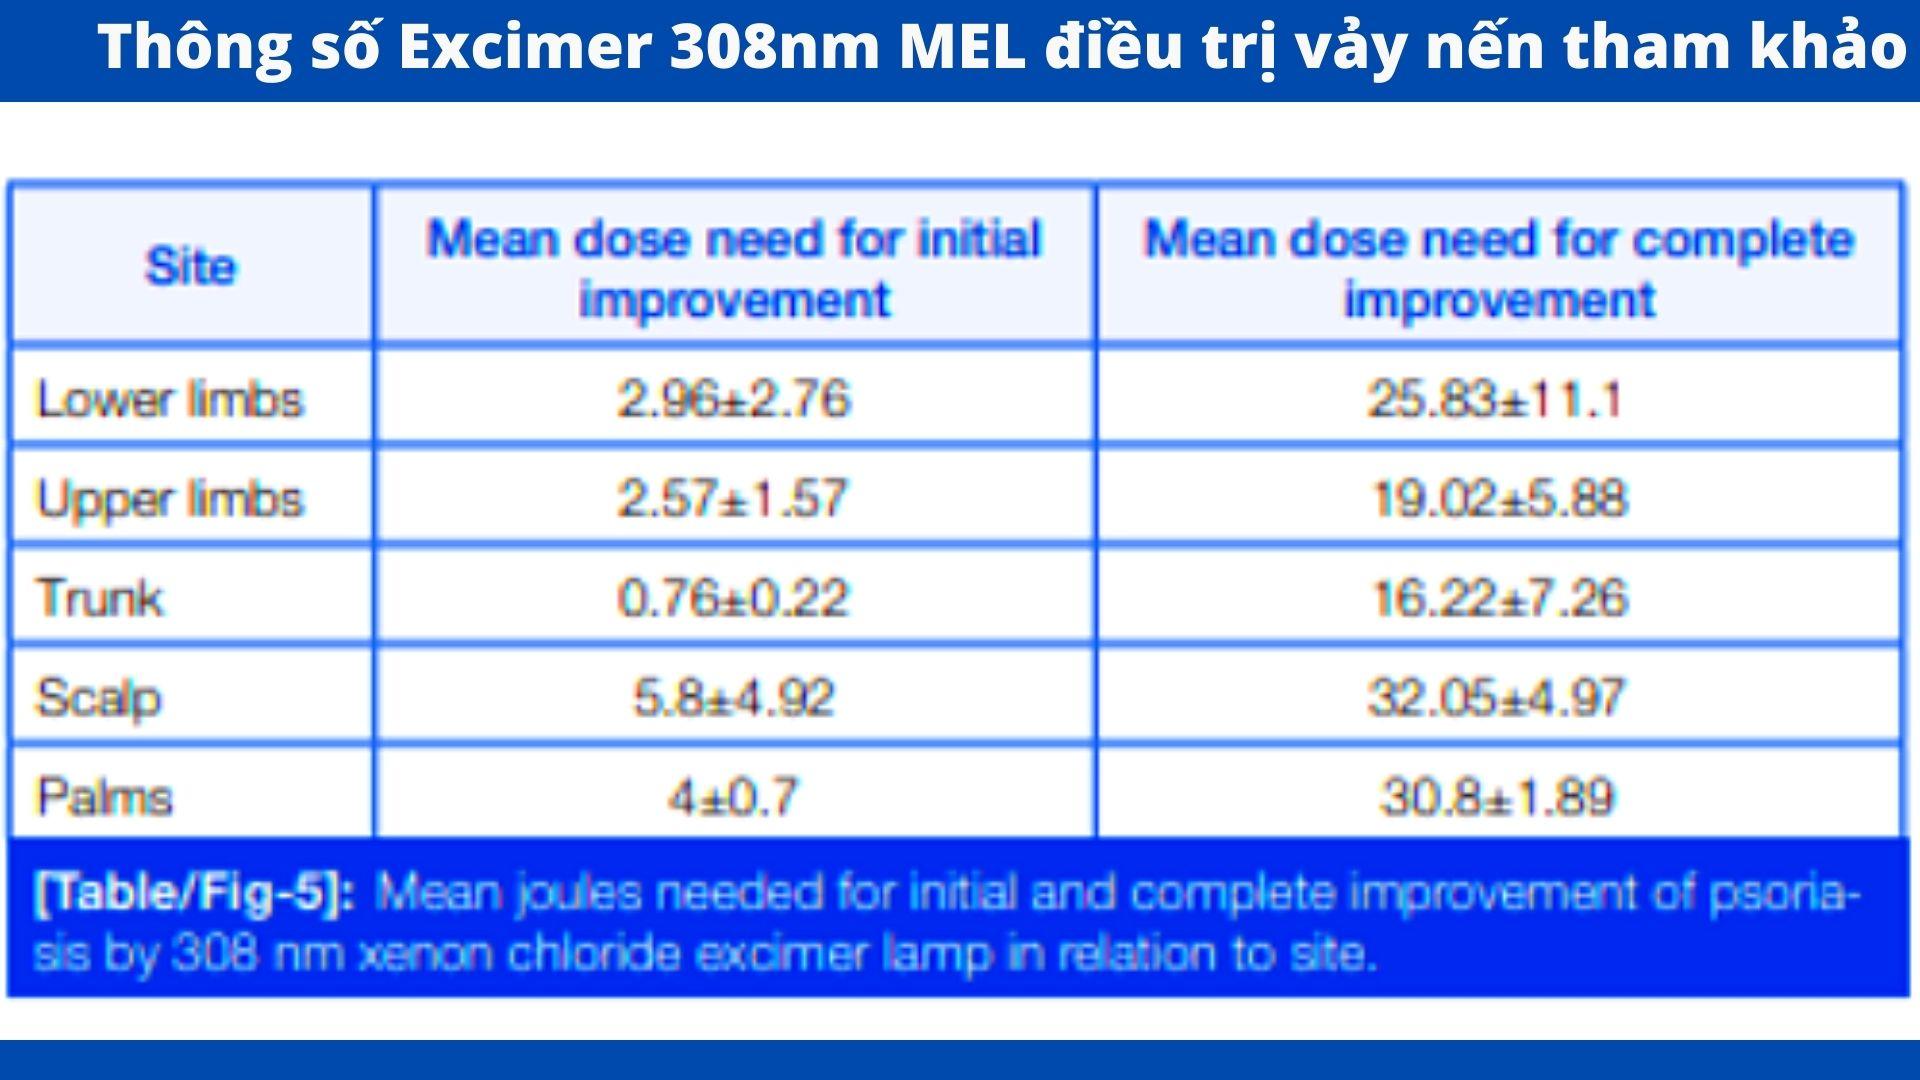 Thông số điều trị công nghệ ánh sáng 308nm excimer